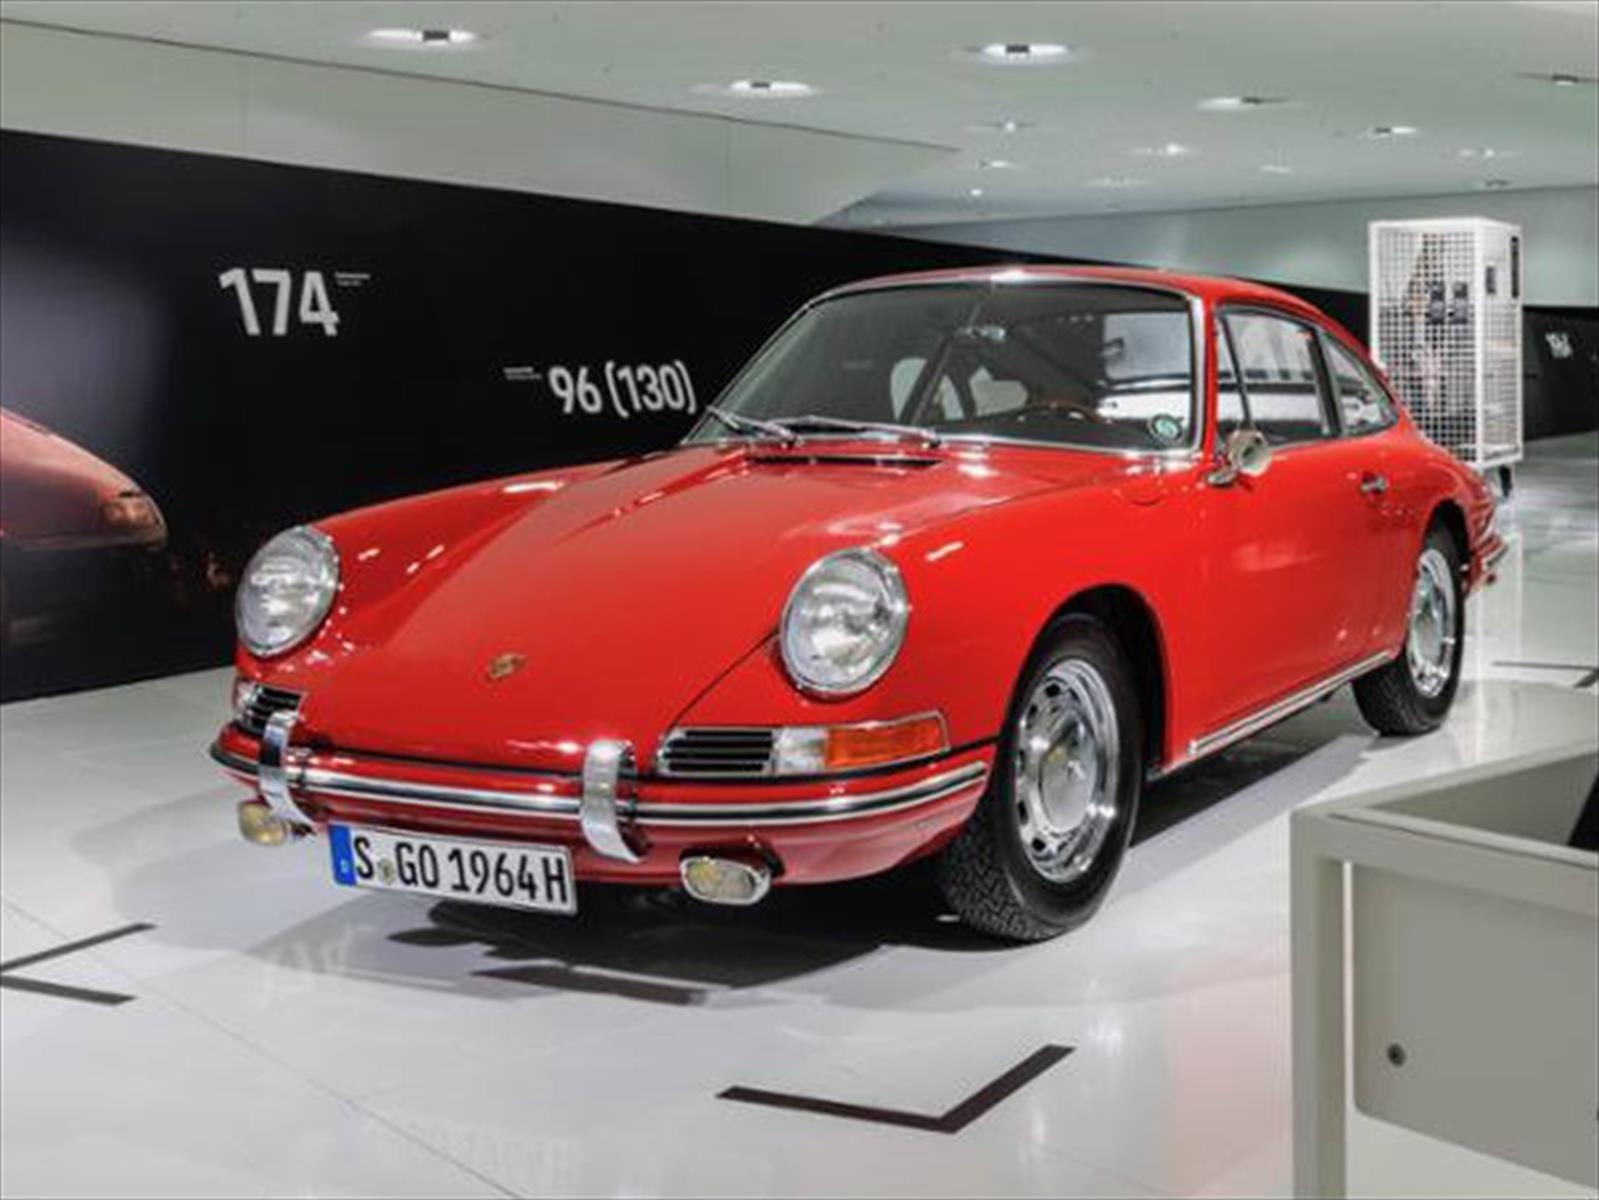 Museo Porsche exhibe al 911 más antiguo de su colección